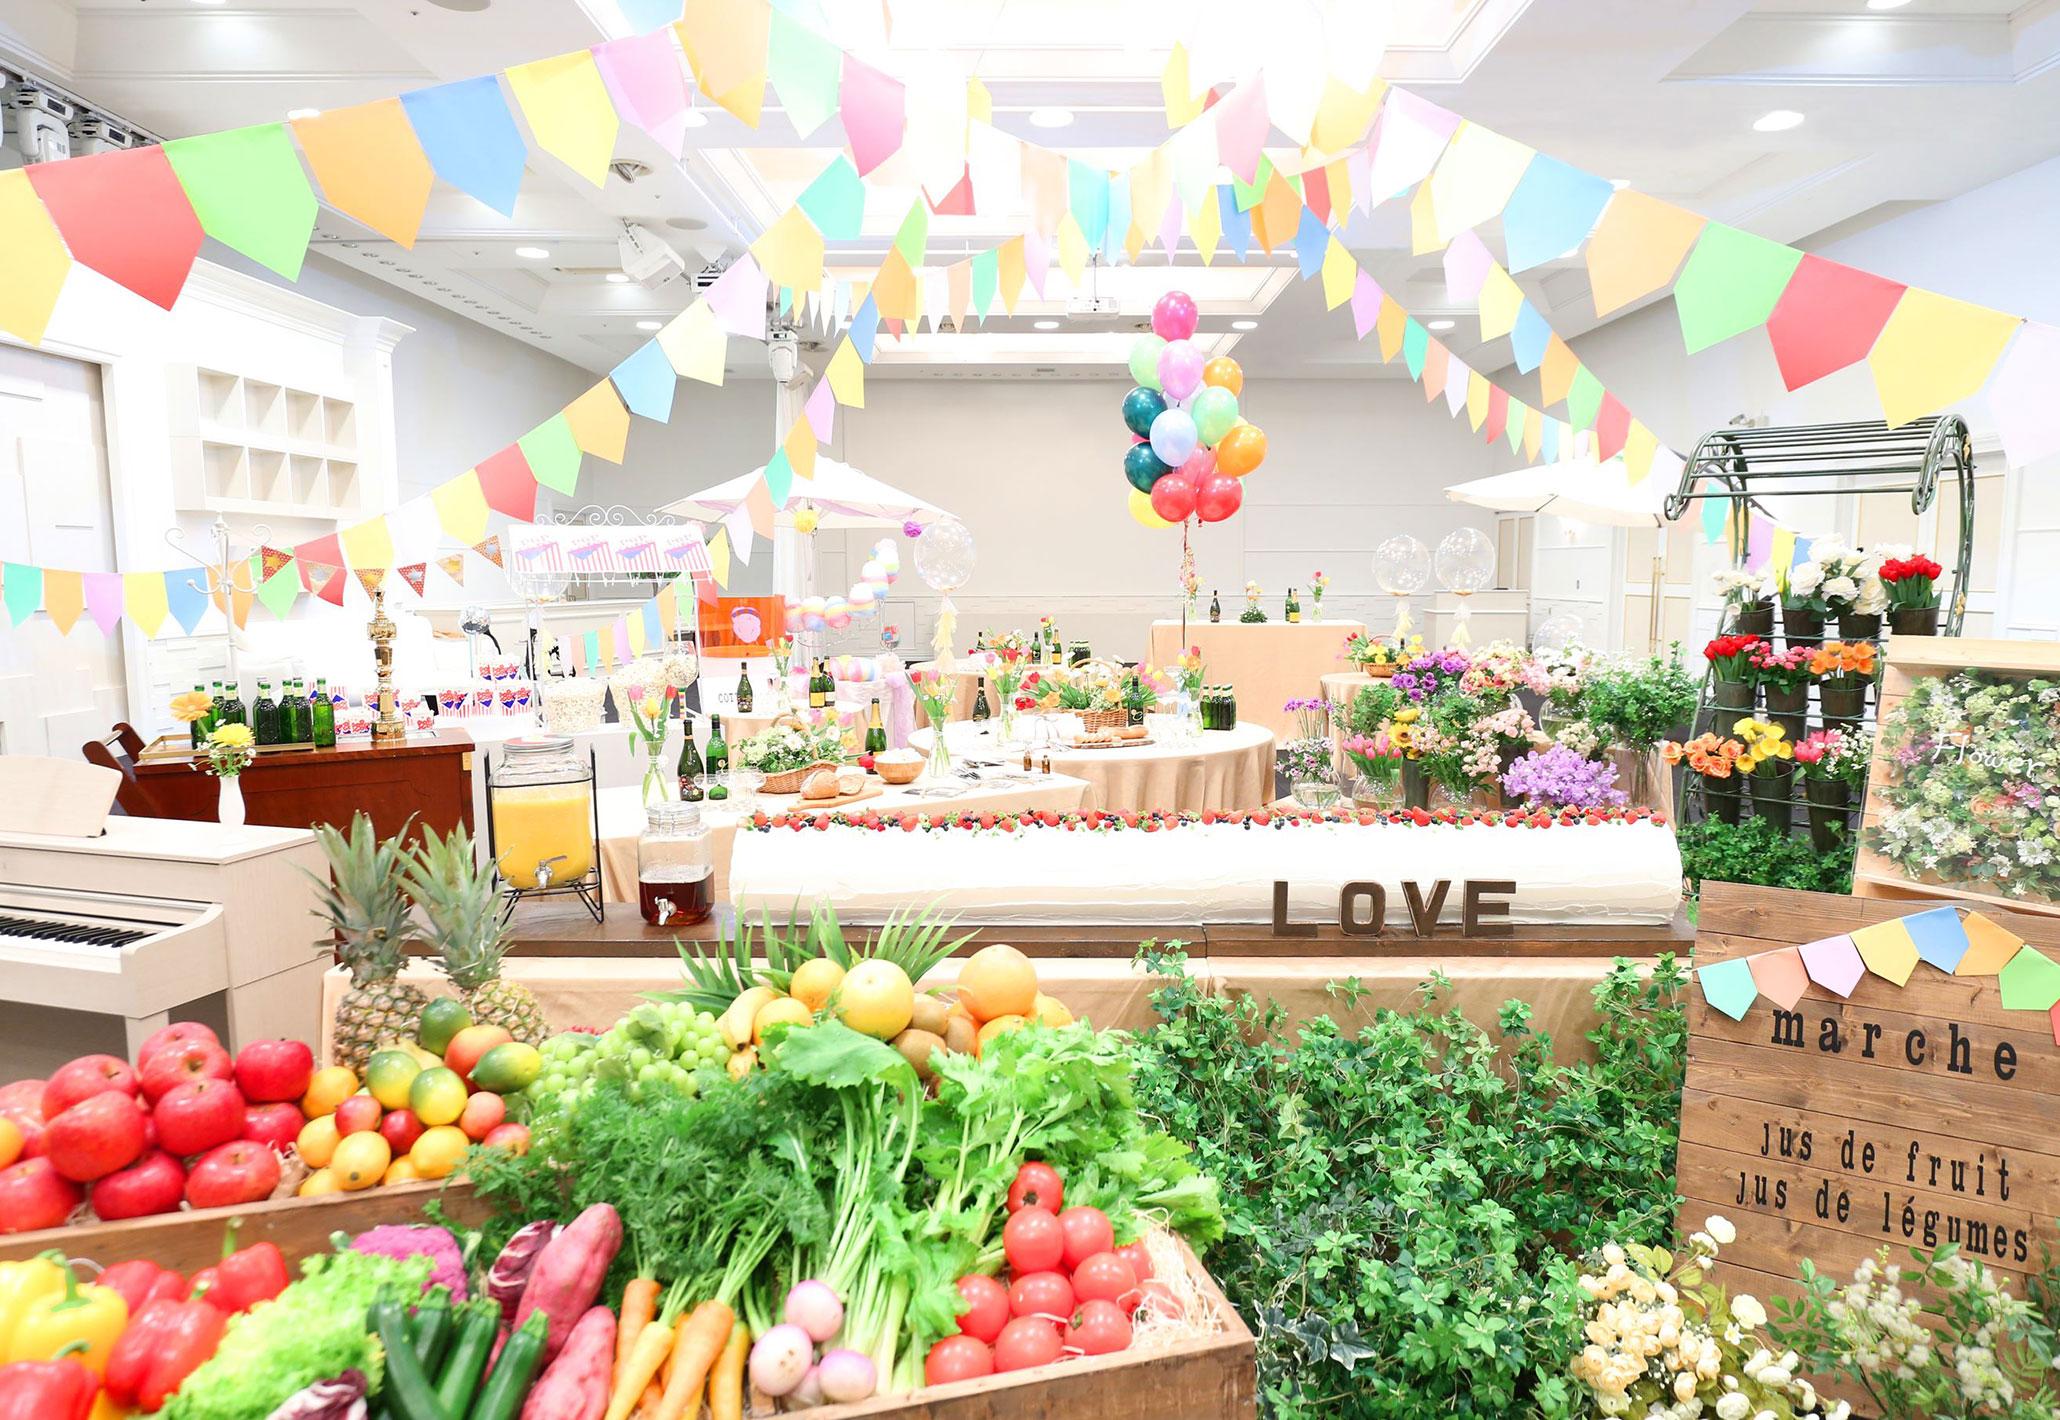 マルシェのような空間|愛媛県松山市の結婚式場ベルフォーレ松山